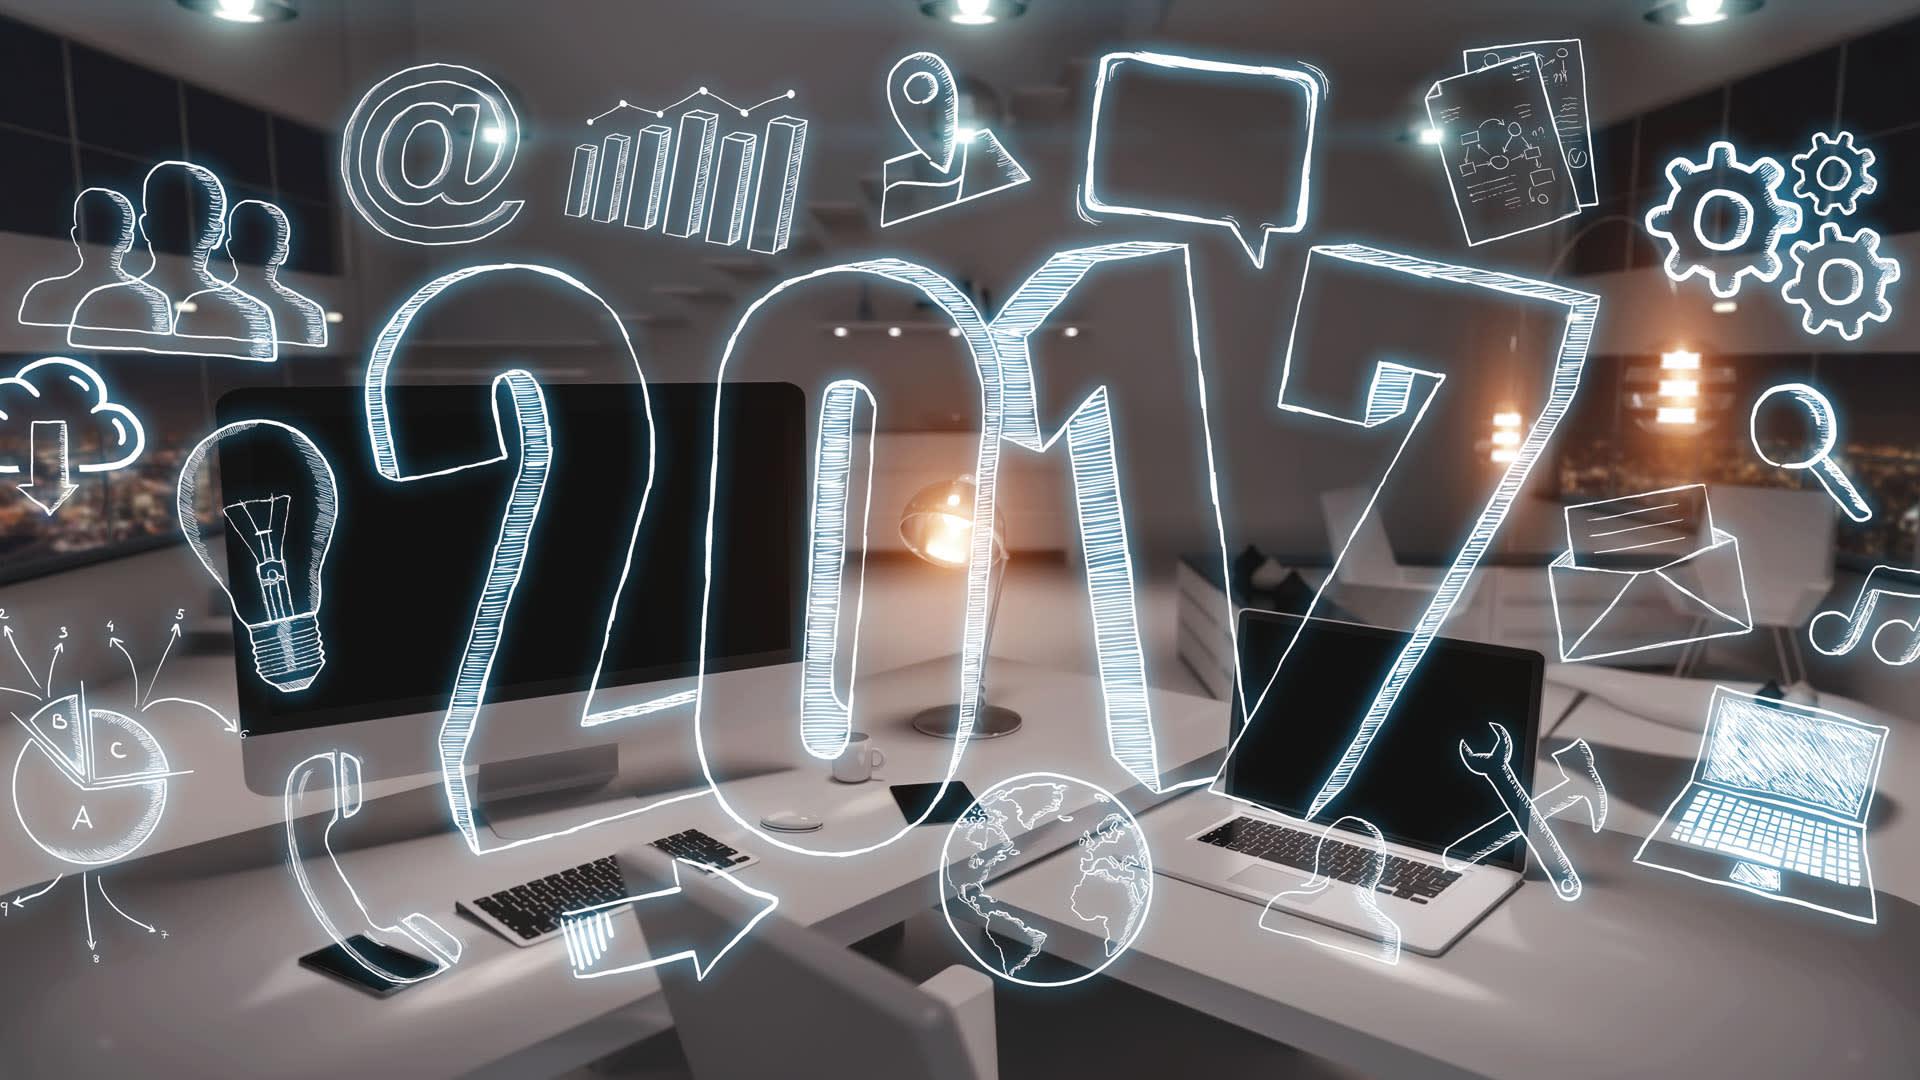 Imagem ilustrativa com o desenho do ano de 2017